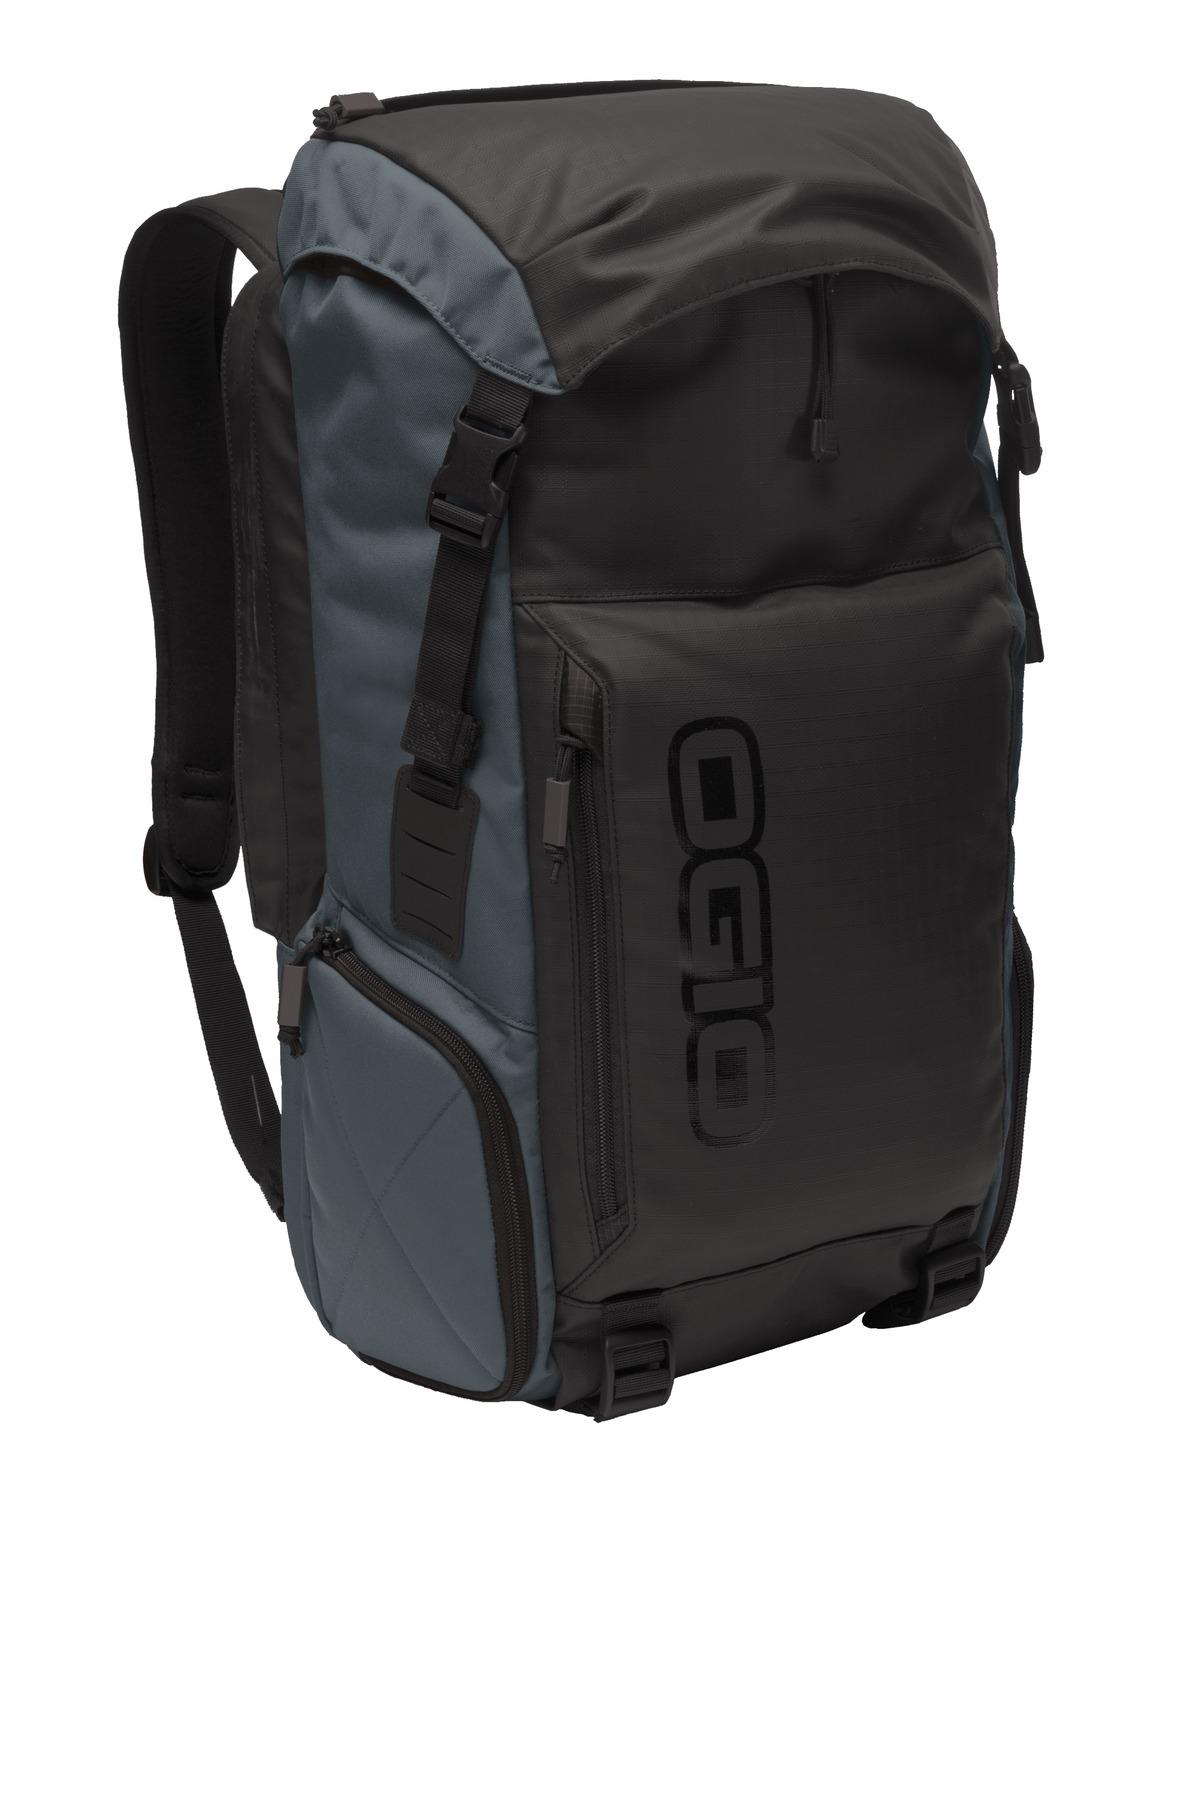 OGIO  423010 - Torque Pack